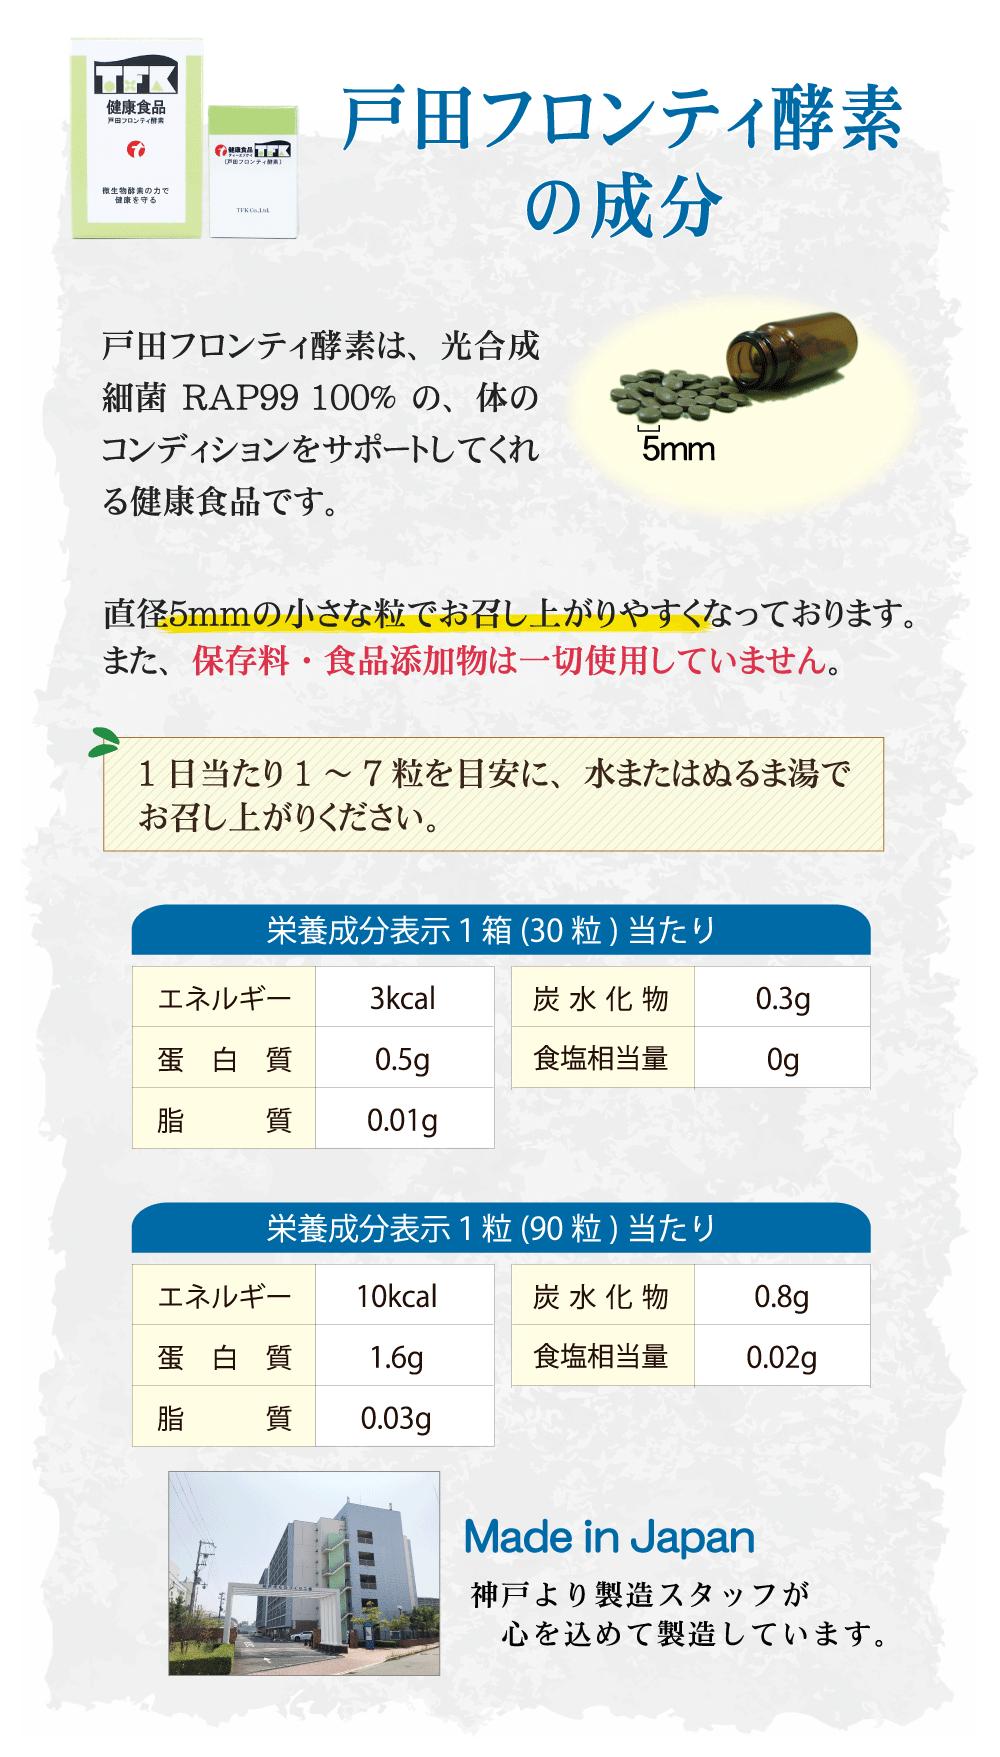 戸田フロンティ酵素成分